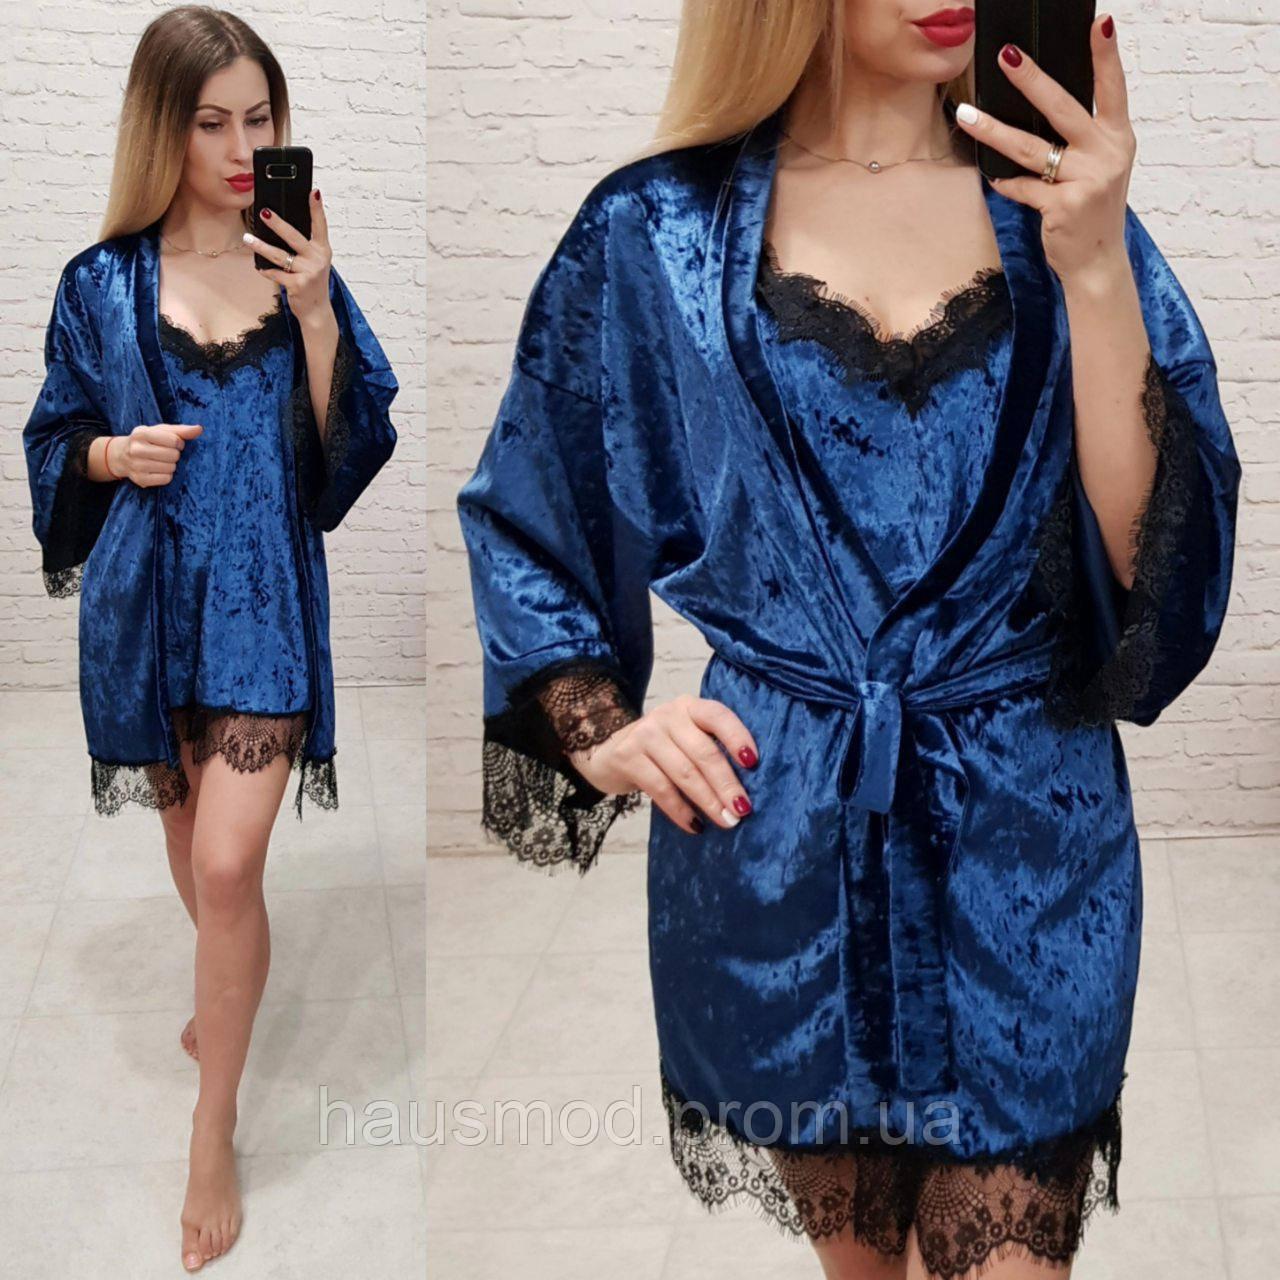 f67e77acfa1e Женский комплект велюр ночнушка + халат ткань мраморный велюр французское  кружево цвет синий -